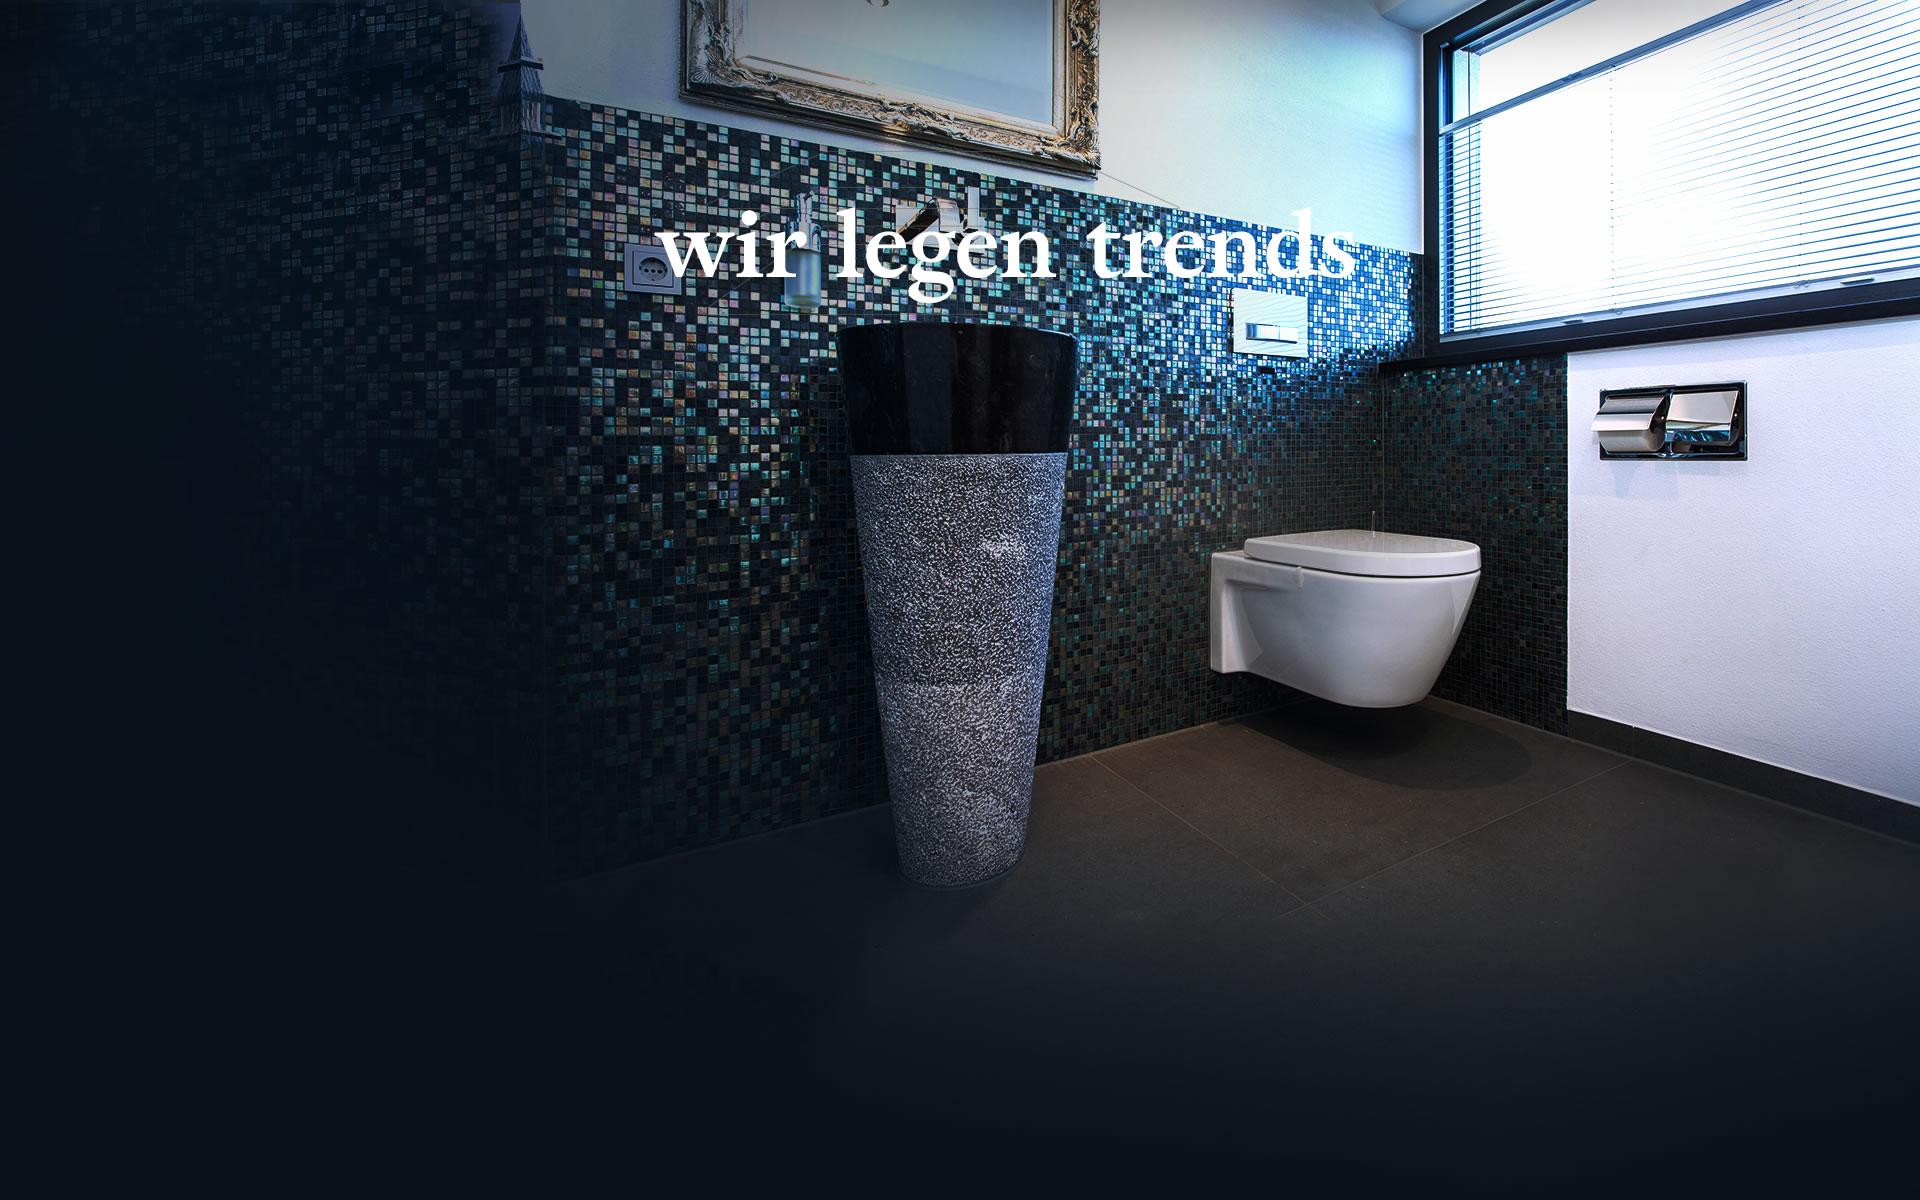 armbruster fliesen und natursteine schramberg villingen schwenningen rottweil sulz. Black Bedroom Furniture Sets. Home Design Ideas